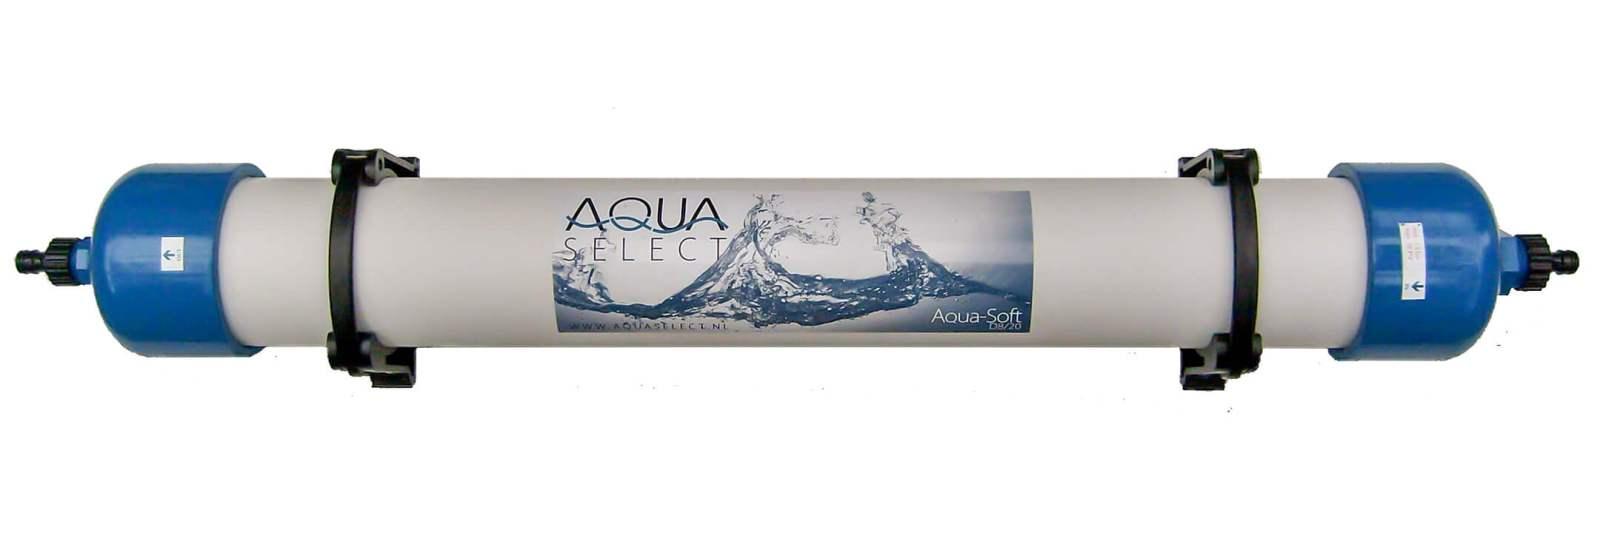 Illustratie: foto (bovenaanzicht) van de Aqua Soft D8/20 waterontharder van Aqua Select.